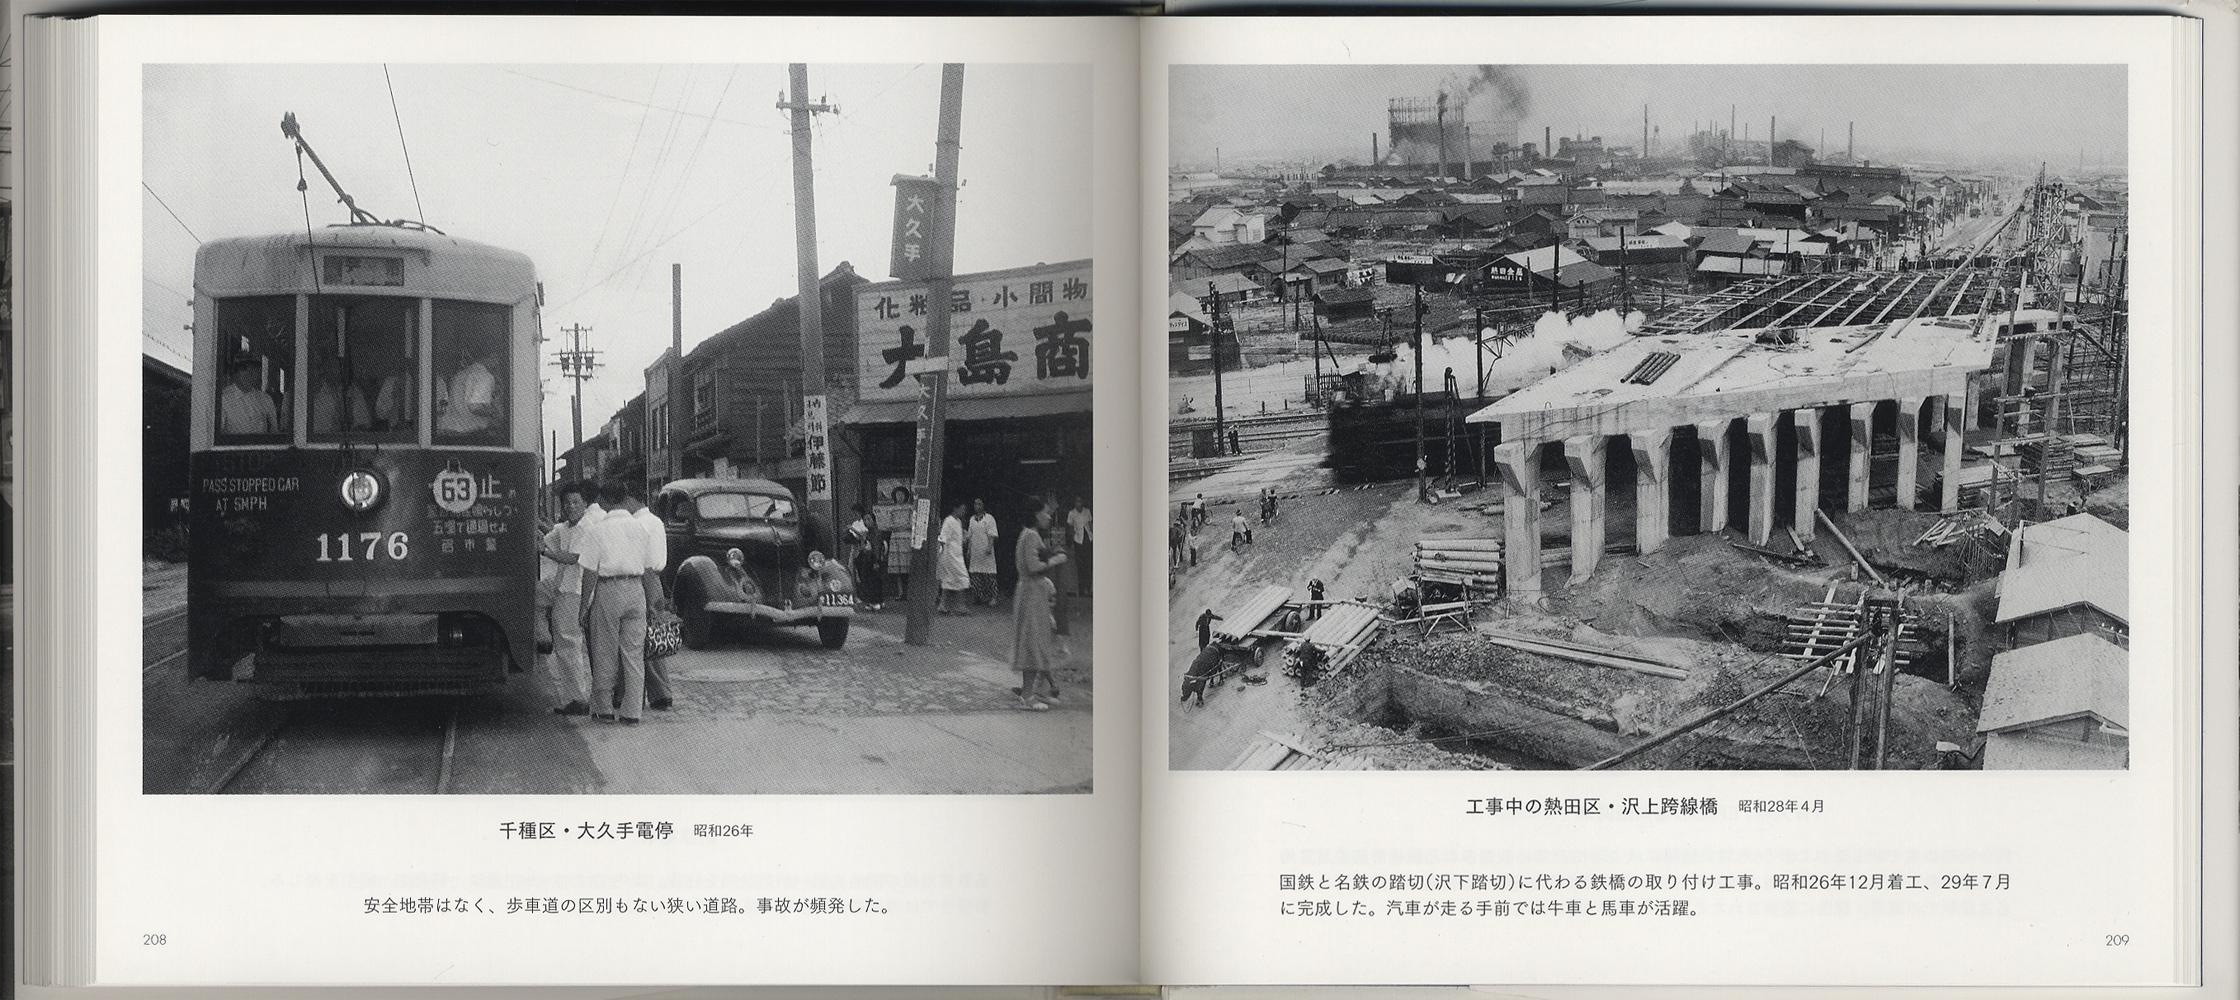 昭和の名古屋 昭和20〜40年代[image5]